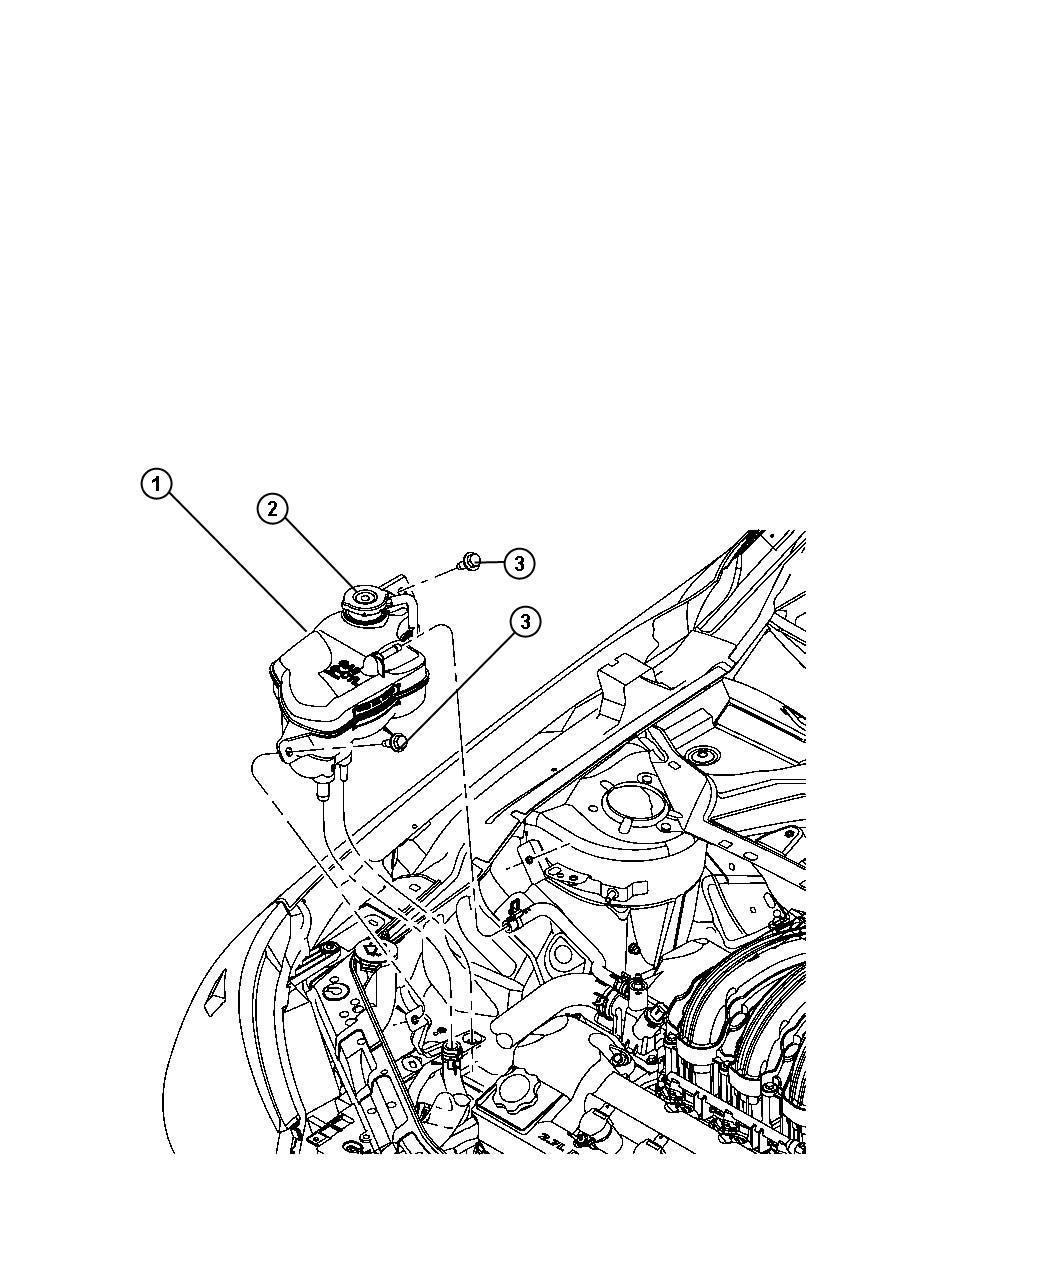 Chrysler Sebring Bottle. Pressurized coolant. Cooling